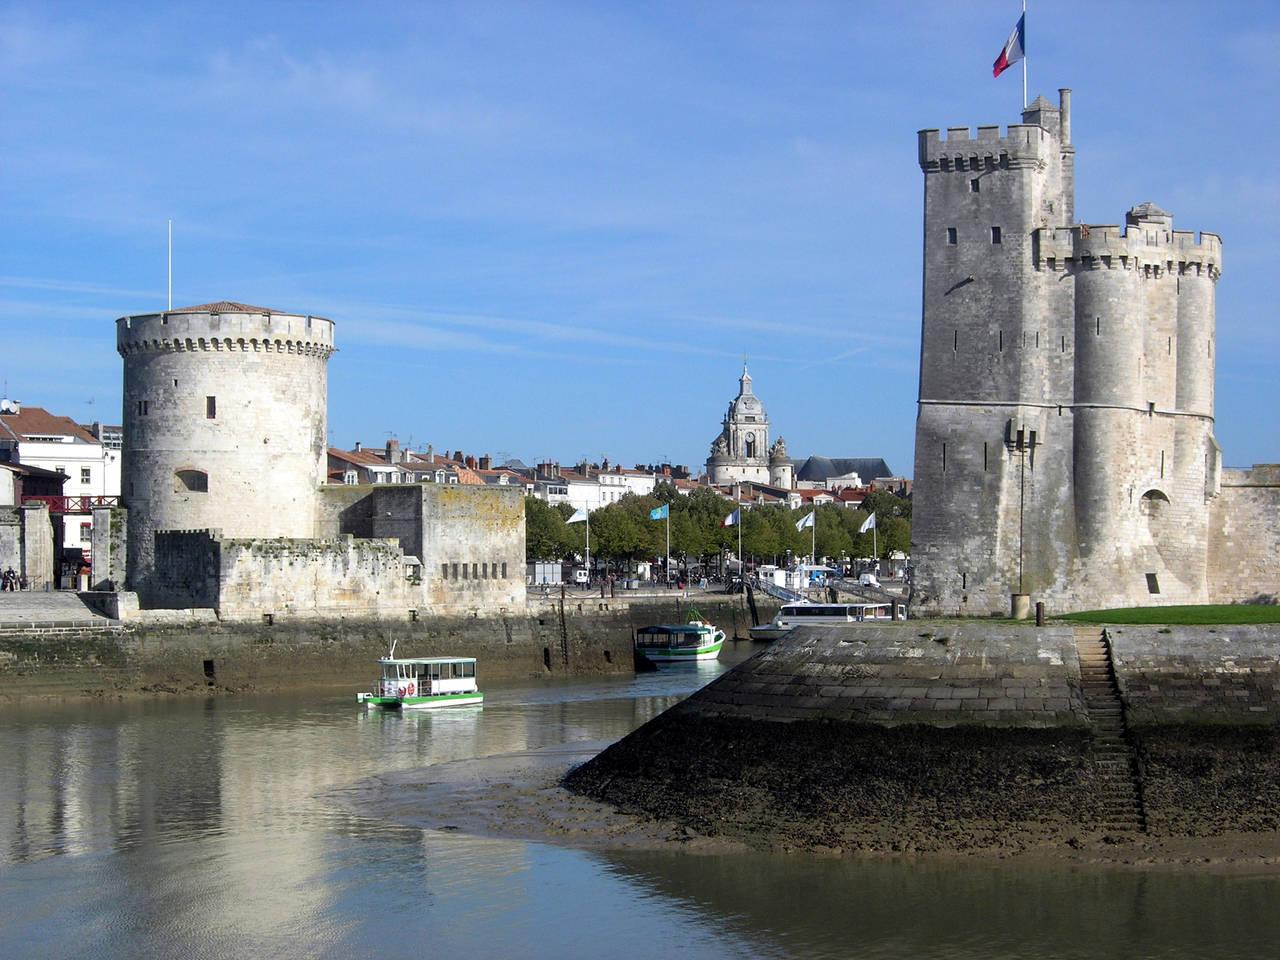 Visiter La Rochelle : Le Guide 2020 51 Lieux À Voir. Guide encequiconcerne On Va Sortir La Rochelle